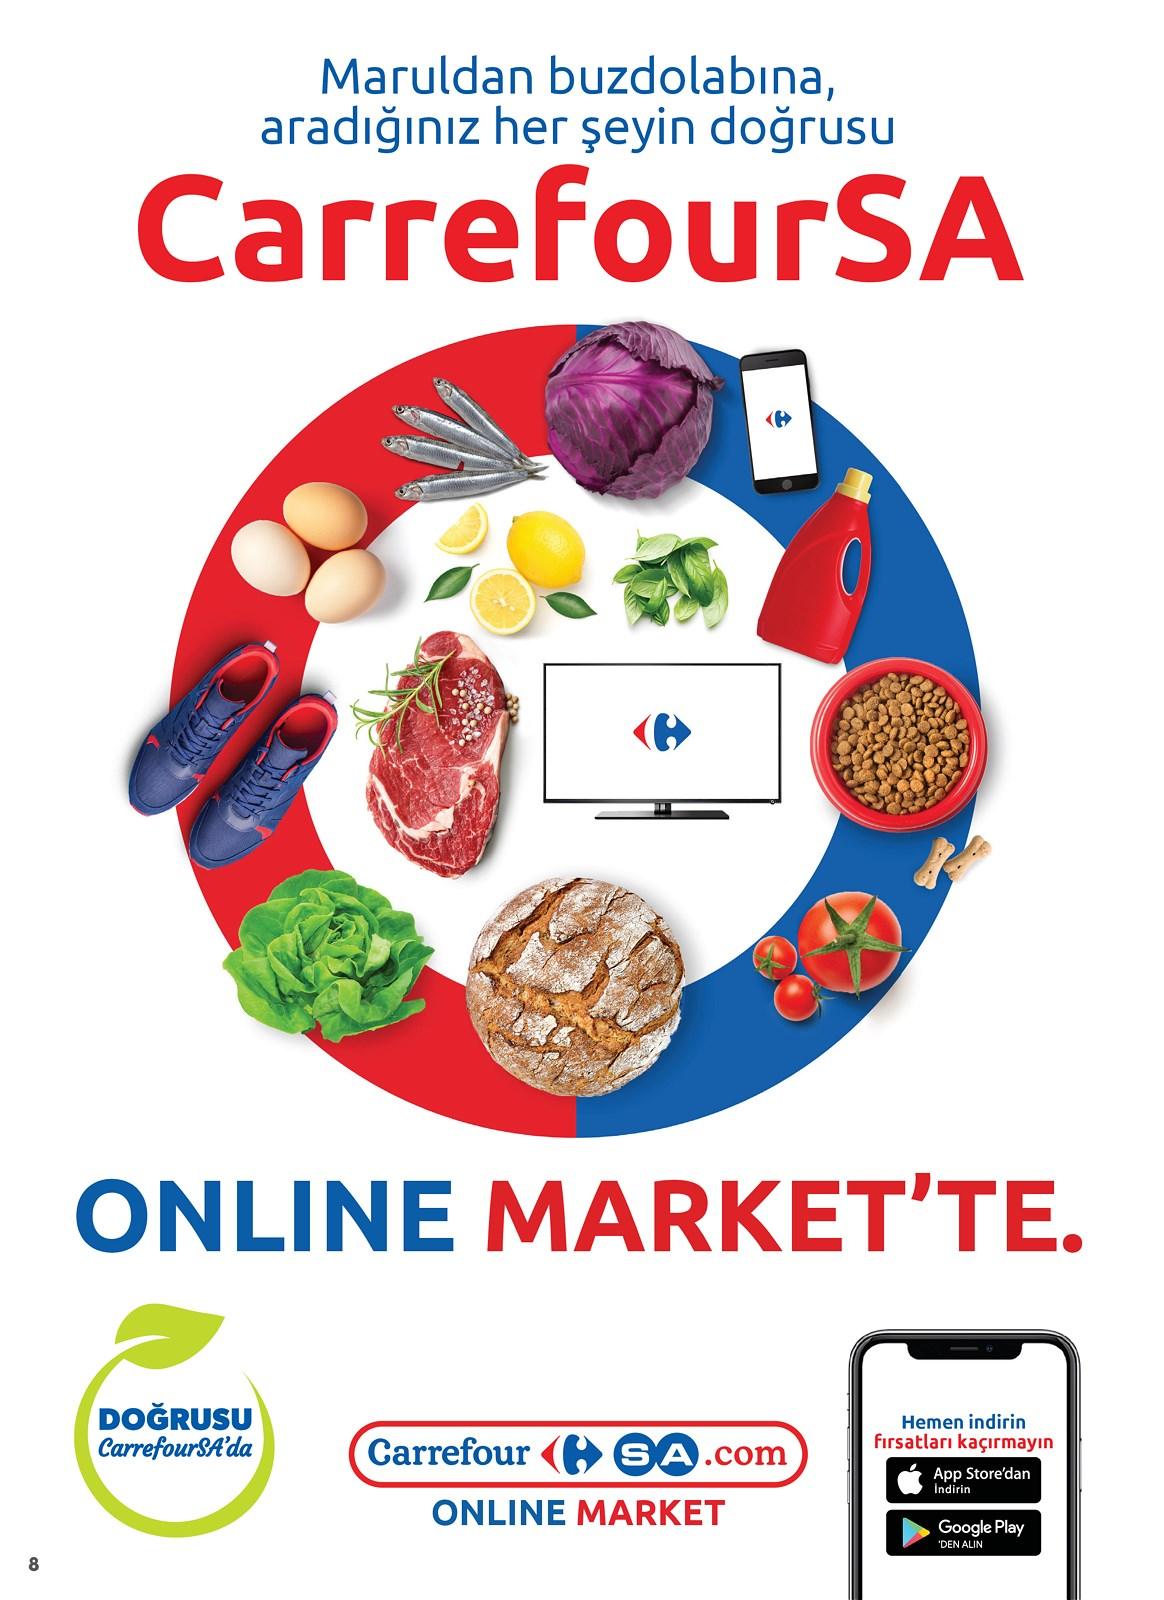 01.06.2021 CarrefourSA broşürü 8. sayfa